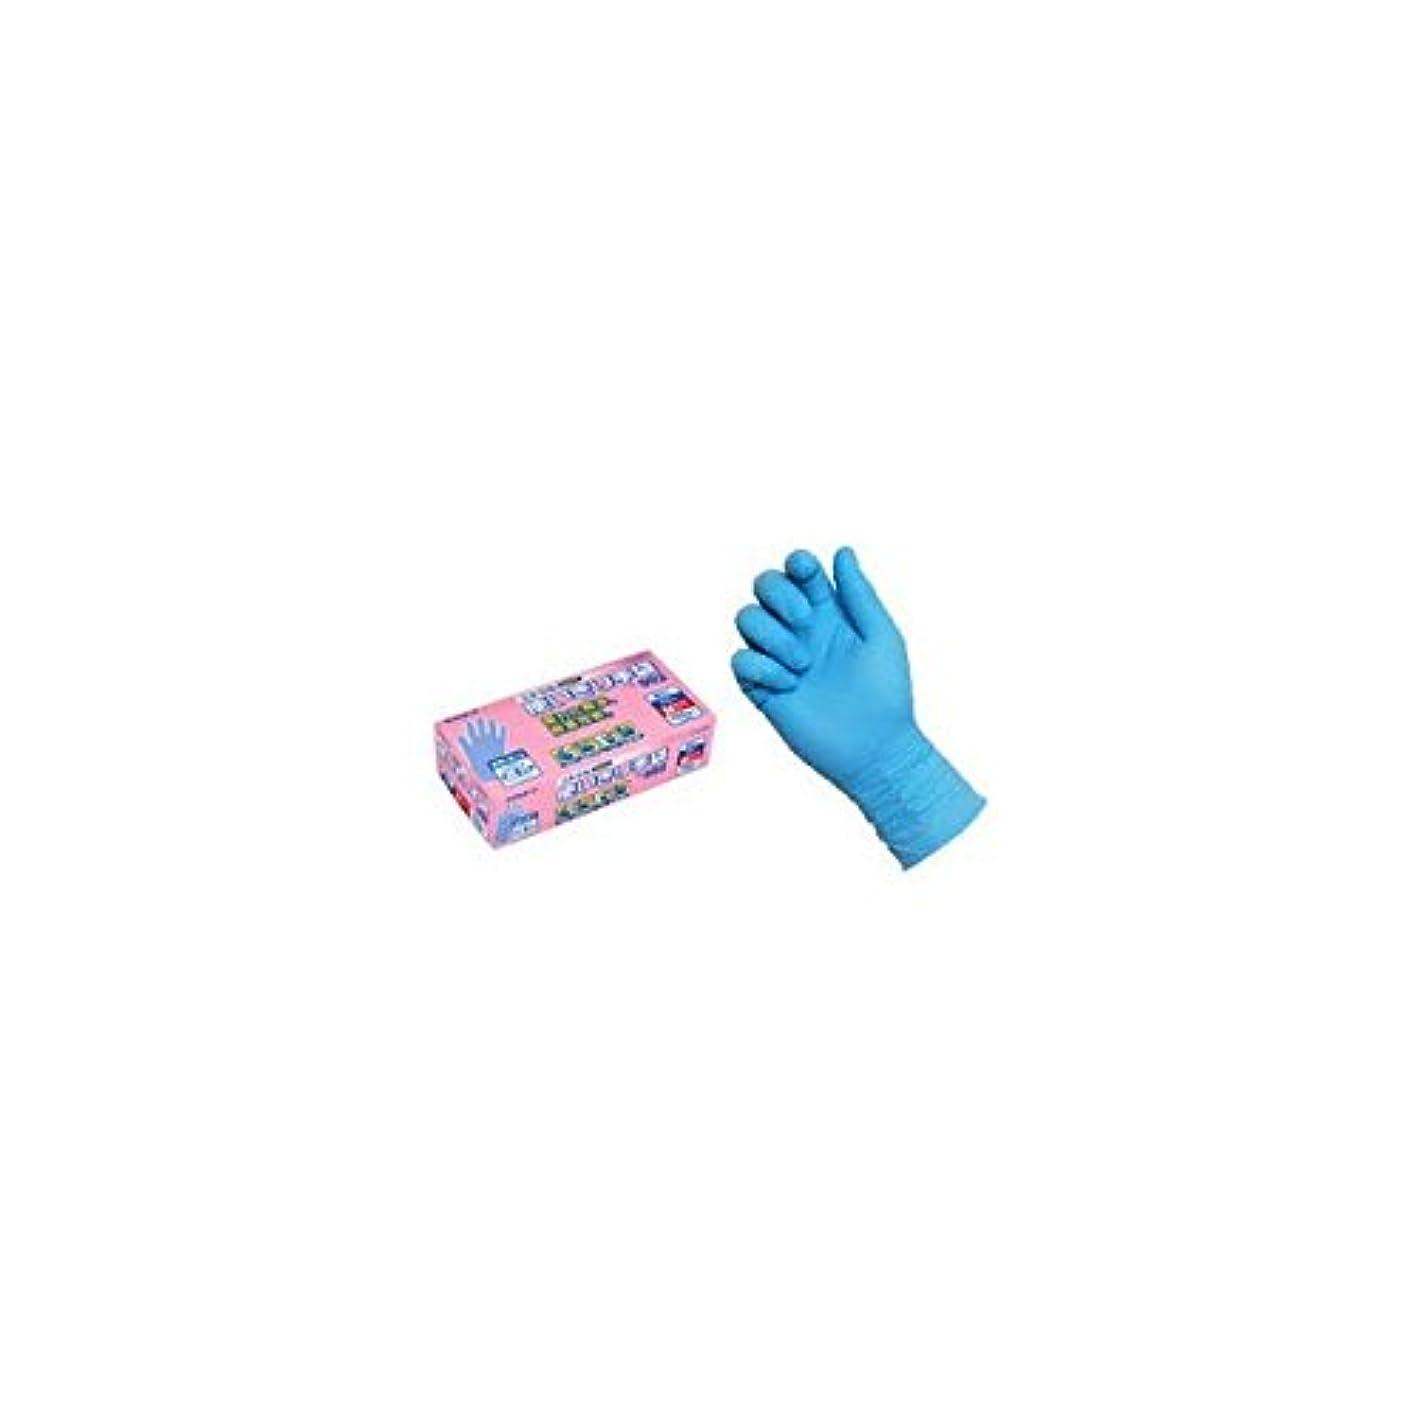 ニトリル使いきり手袋 PF NO.992 L ブルー エステー 【商品CD】ST4786